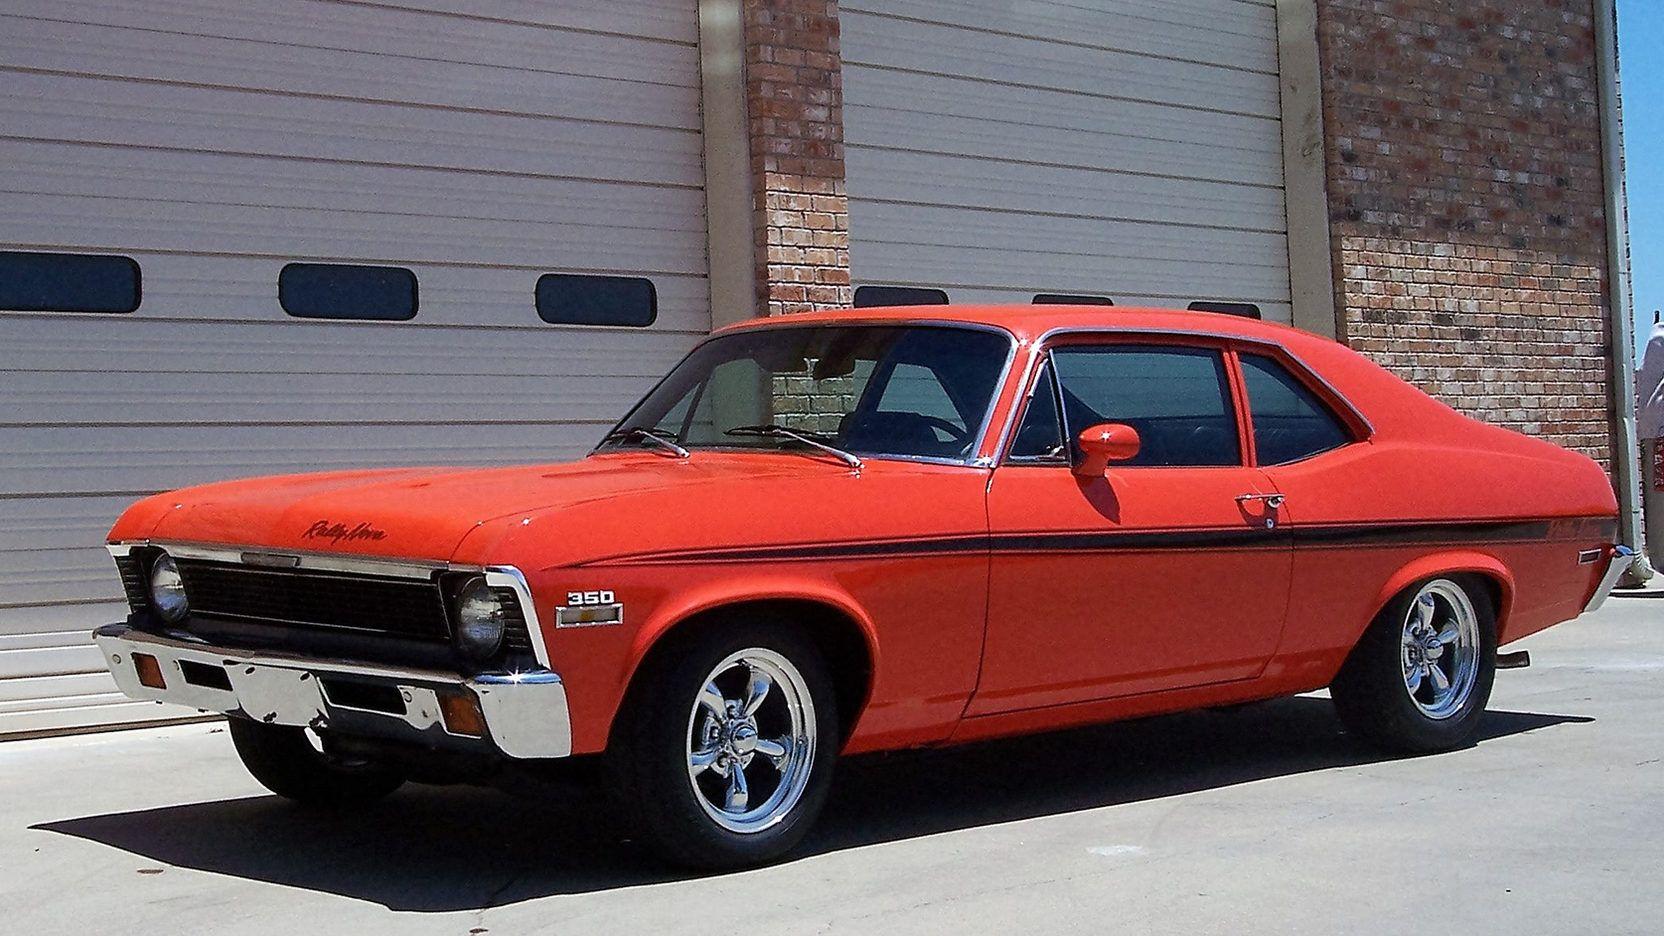 1972 Chevrolet Rally Nova